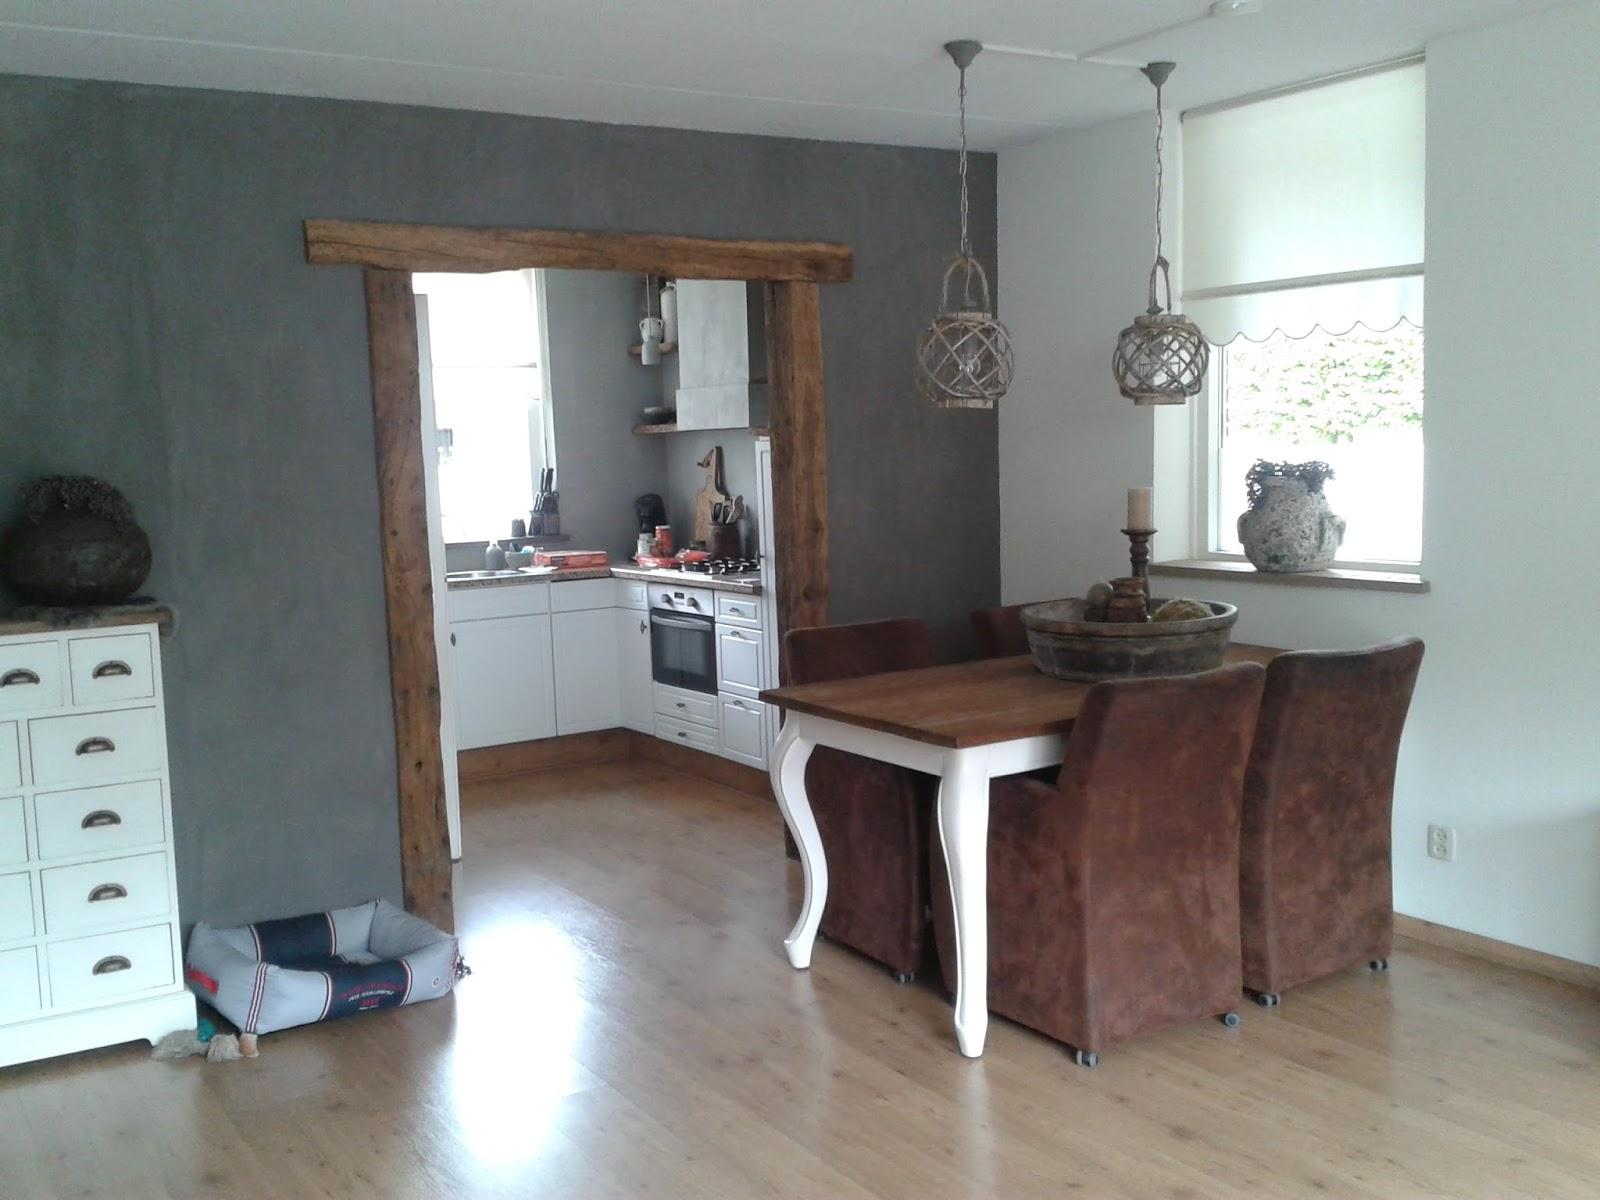 Keuken sober landelijk home design idee n en meubilair - Keuken en woonkamer in dezelfde kamer ...